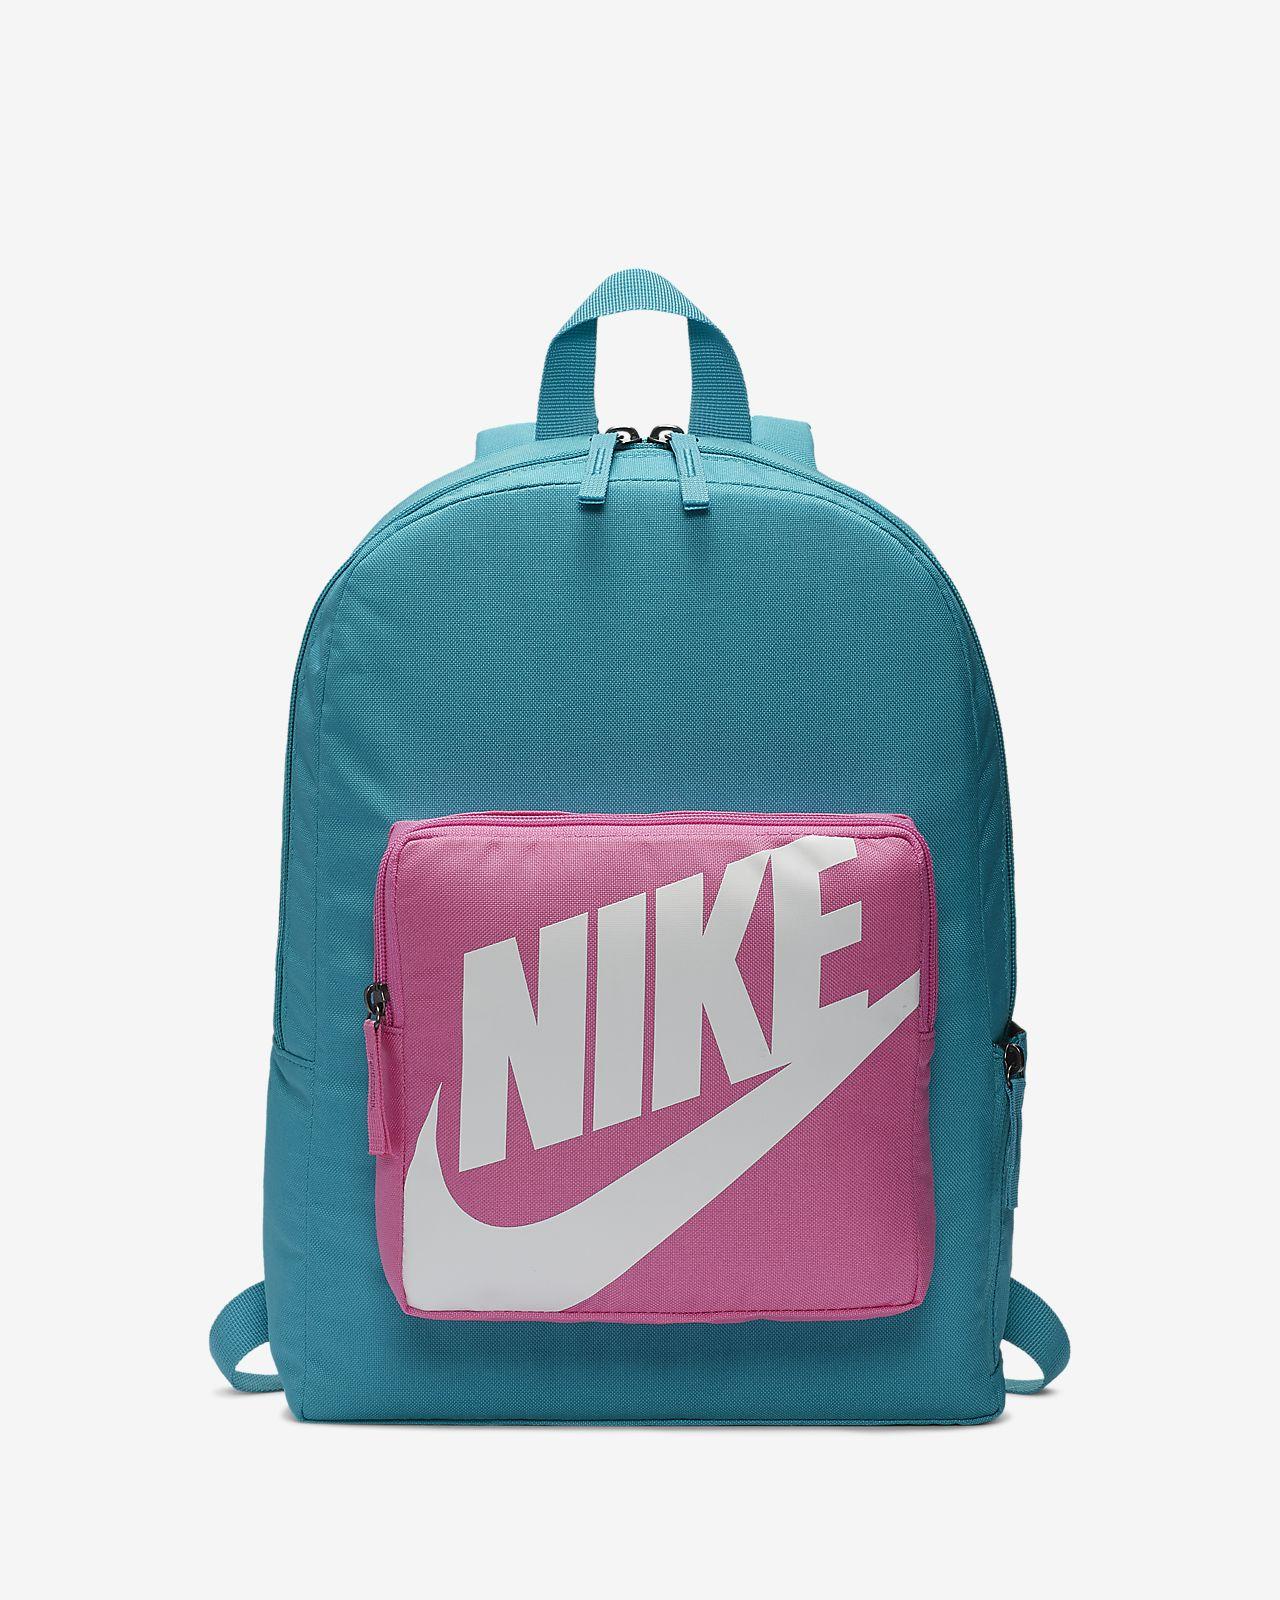 Nike Classic ryggsekk til barn